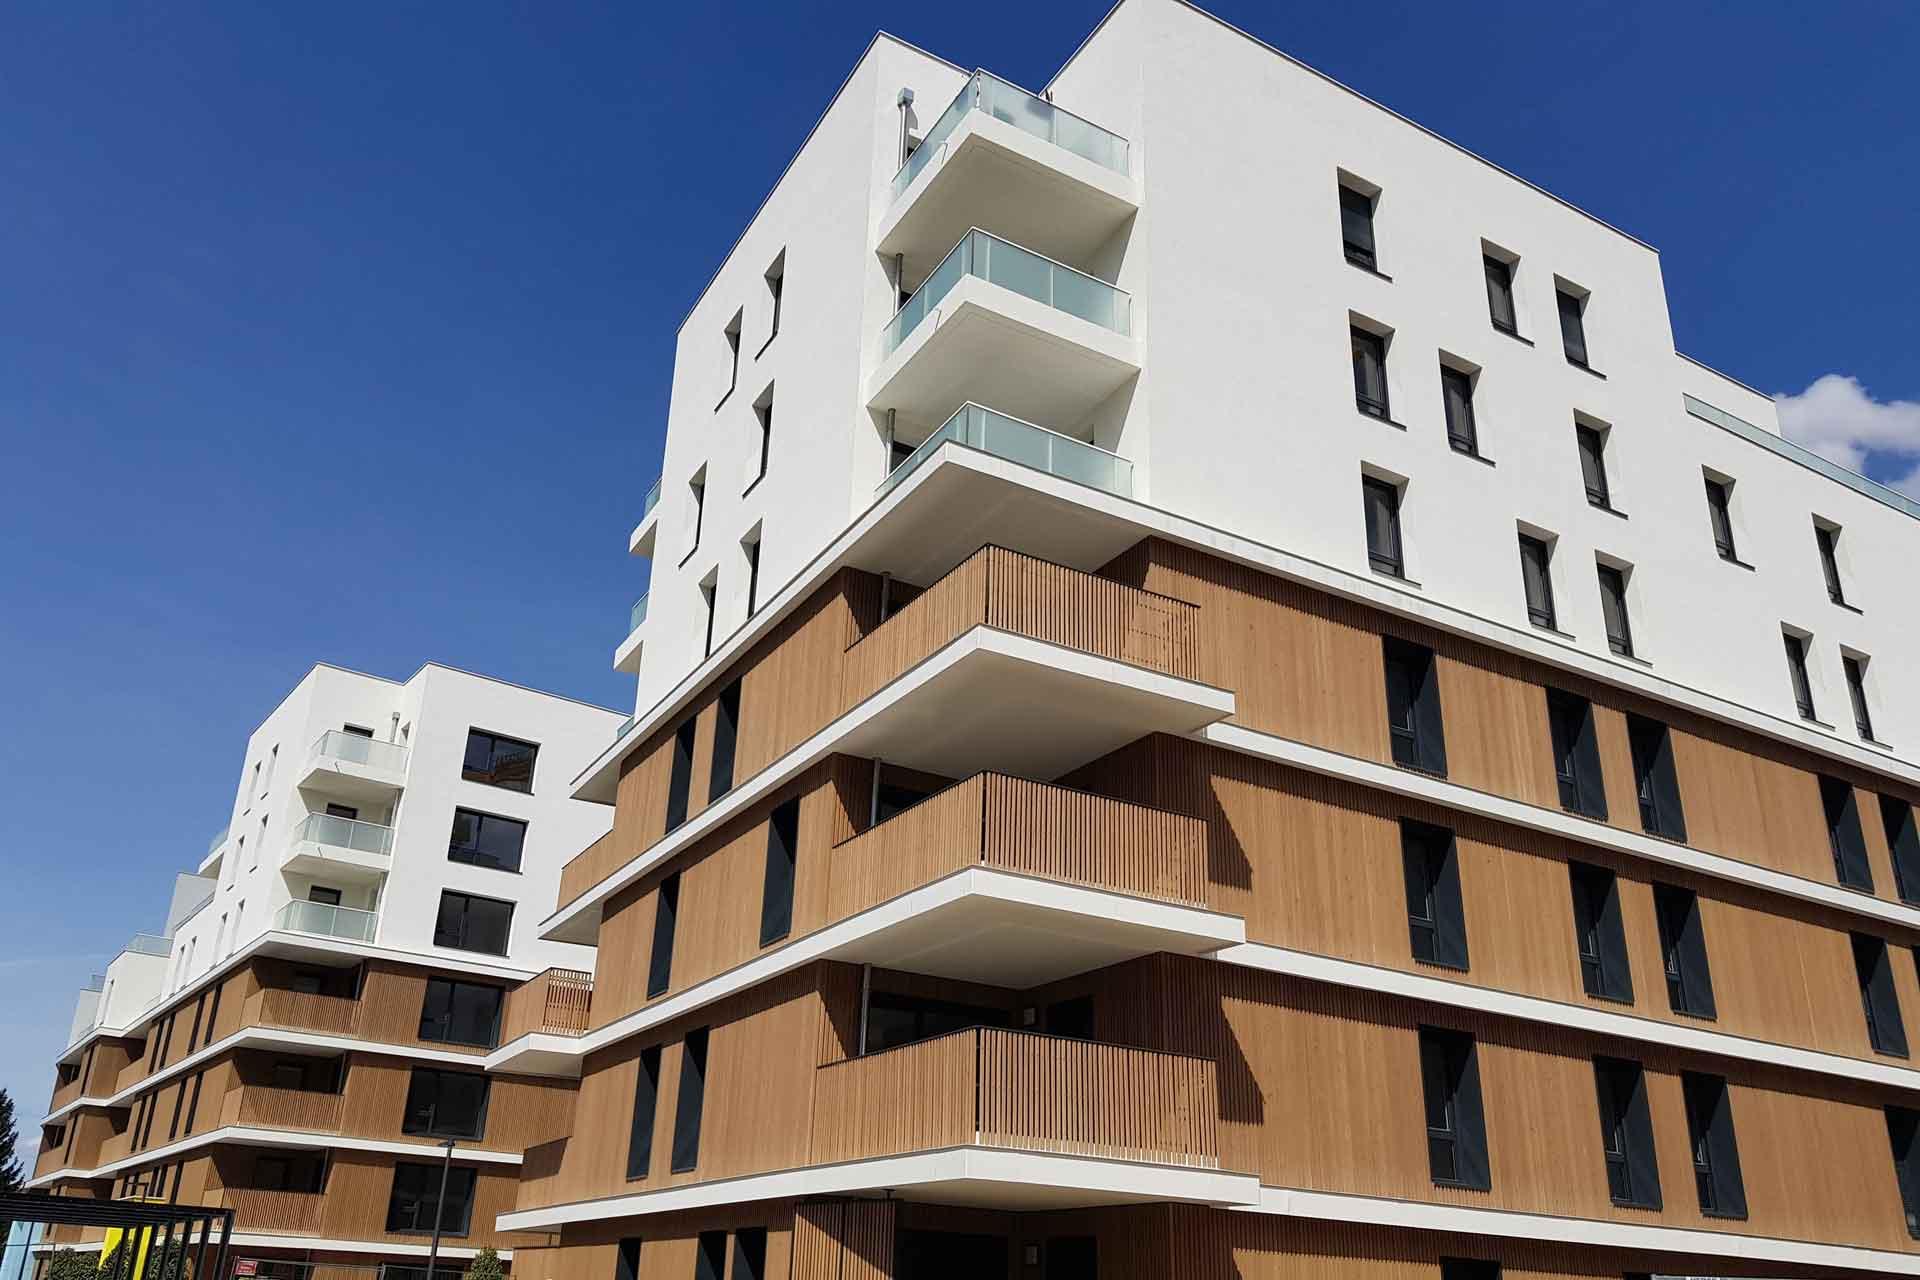 243-logement-sakura-img-(1)